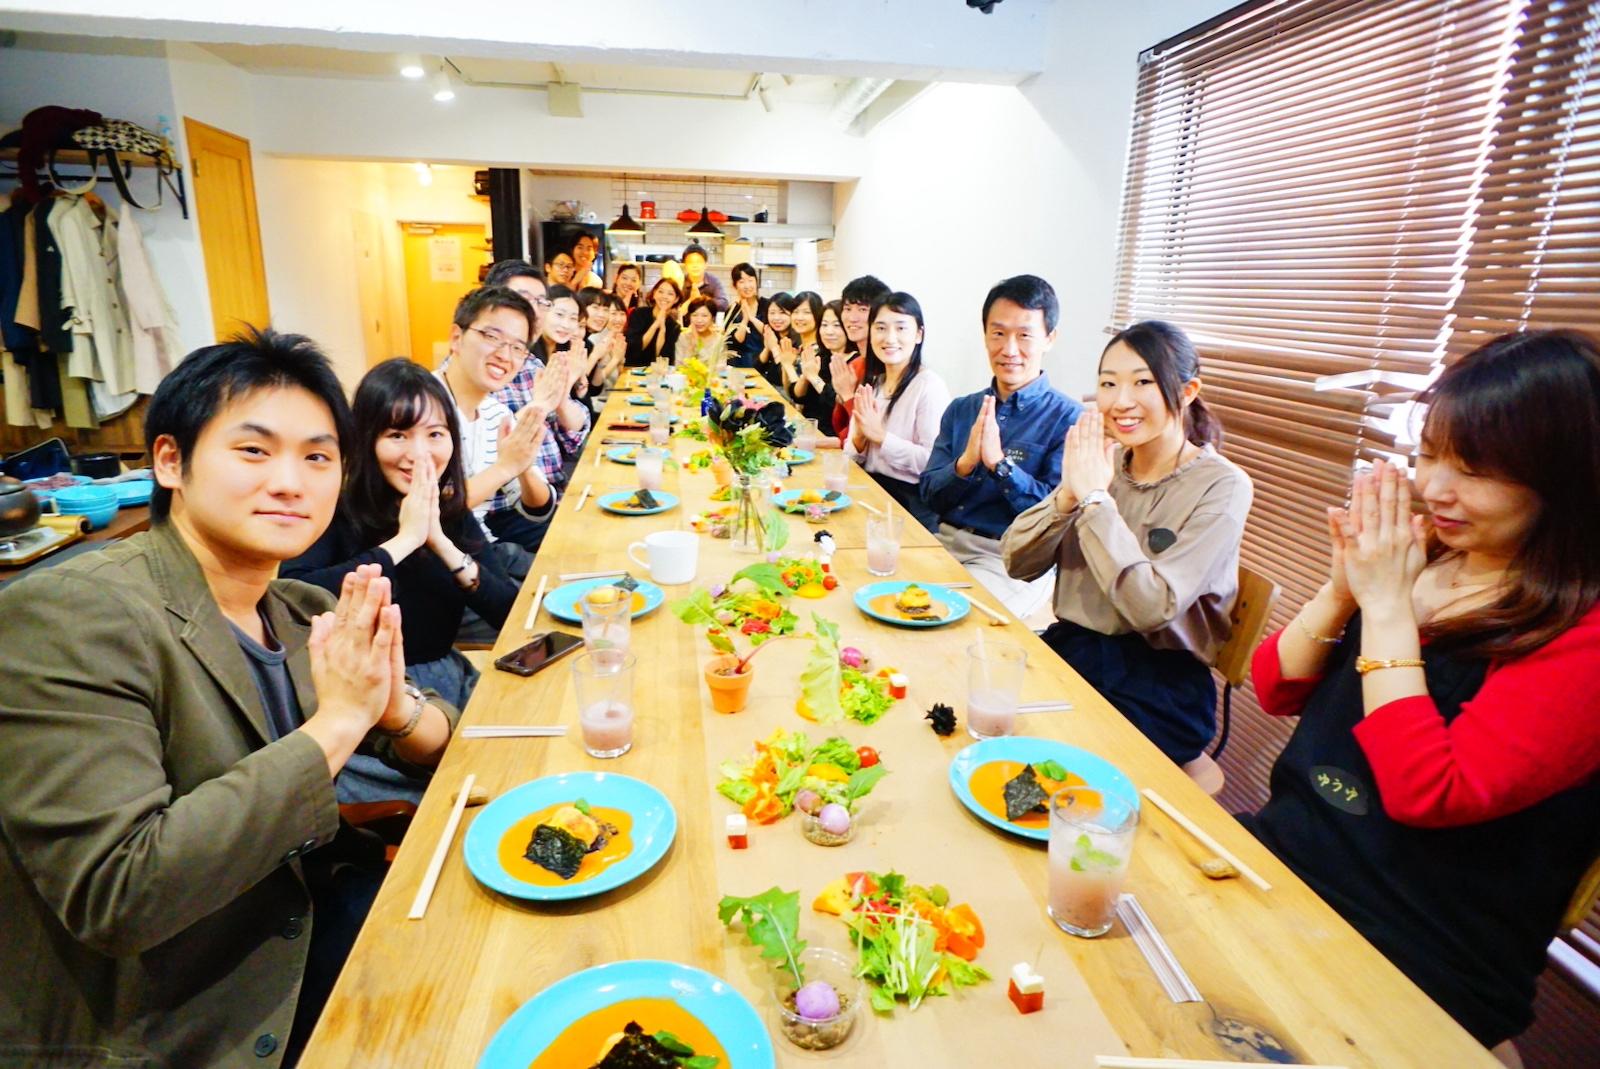 収穫した黒米を味わう「Black rice party」。みんなでいただきます!